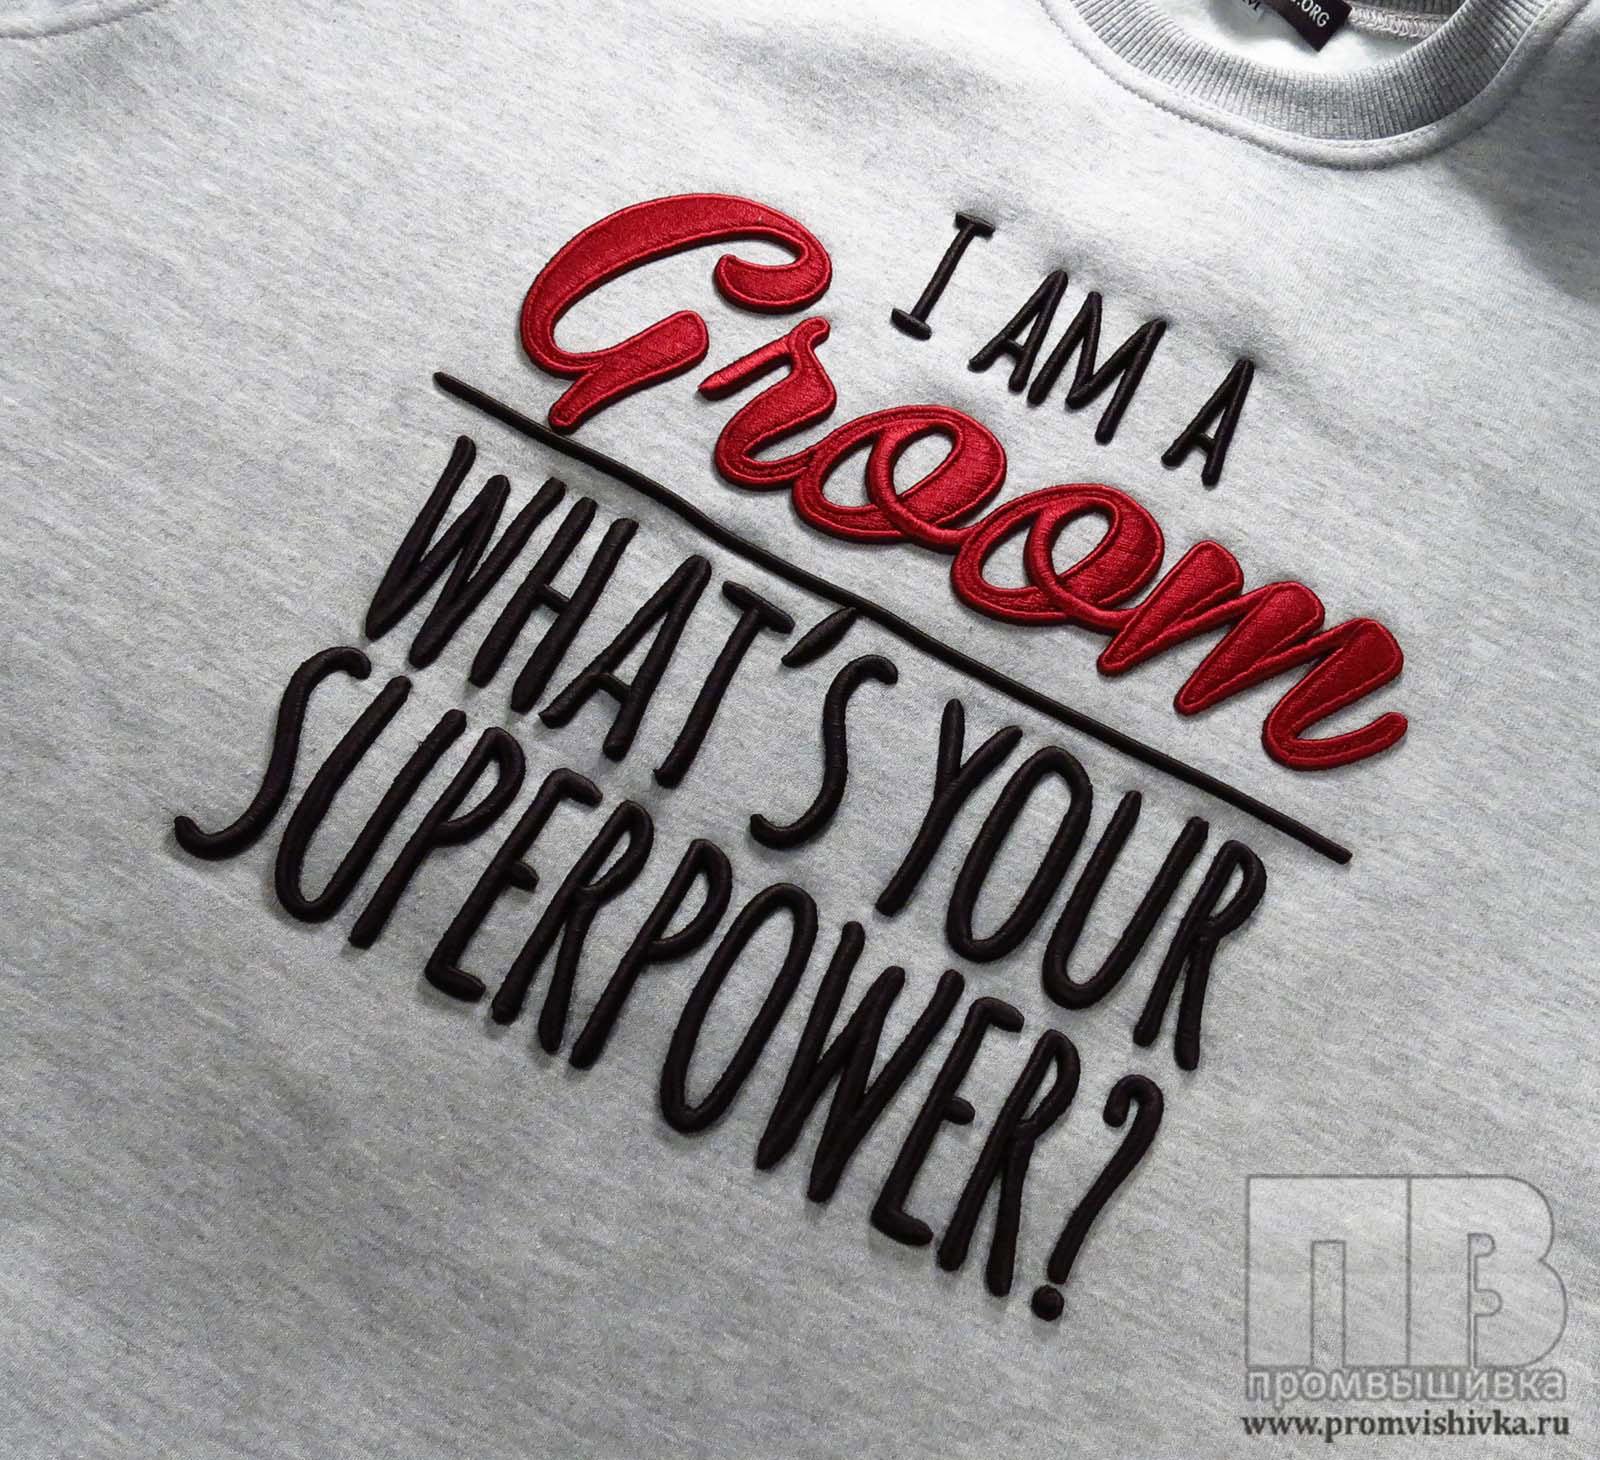 Как в домашних условиях сделать надпись на футболке